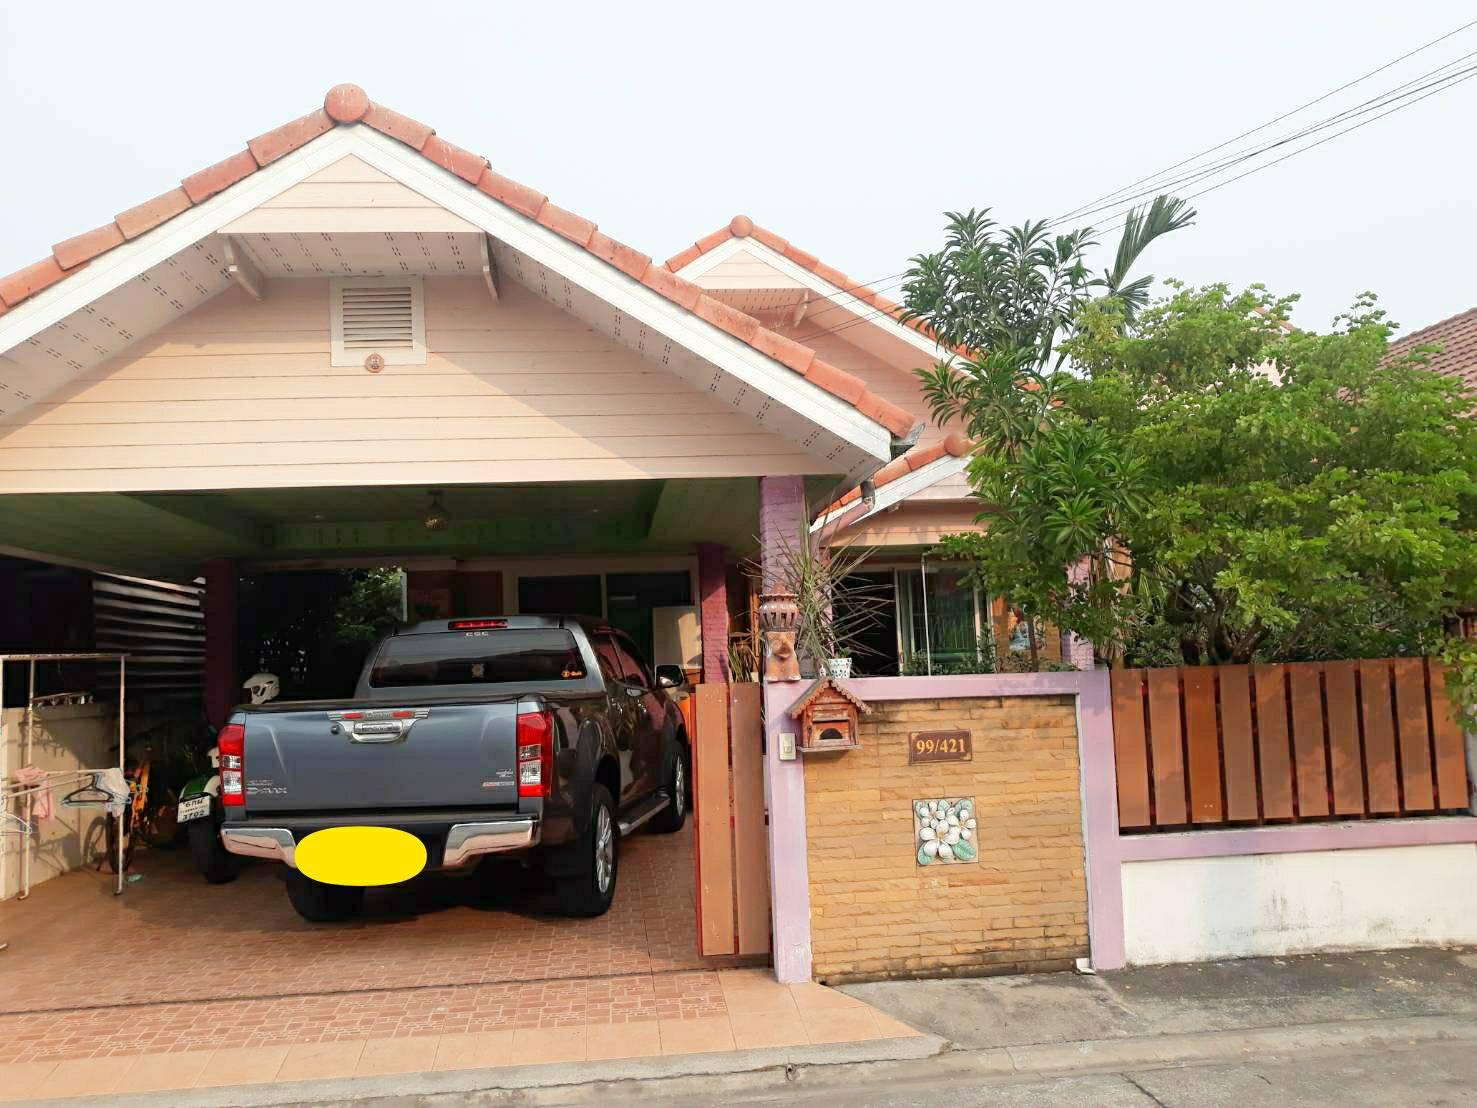 ขายบ้านเดี่ยว ชั้นเดียว หมู่บ้านเครือวัลย์พาร์ค-สุวรรณภูมิ ซอยสุวินทวงศ์64